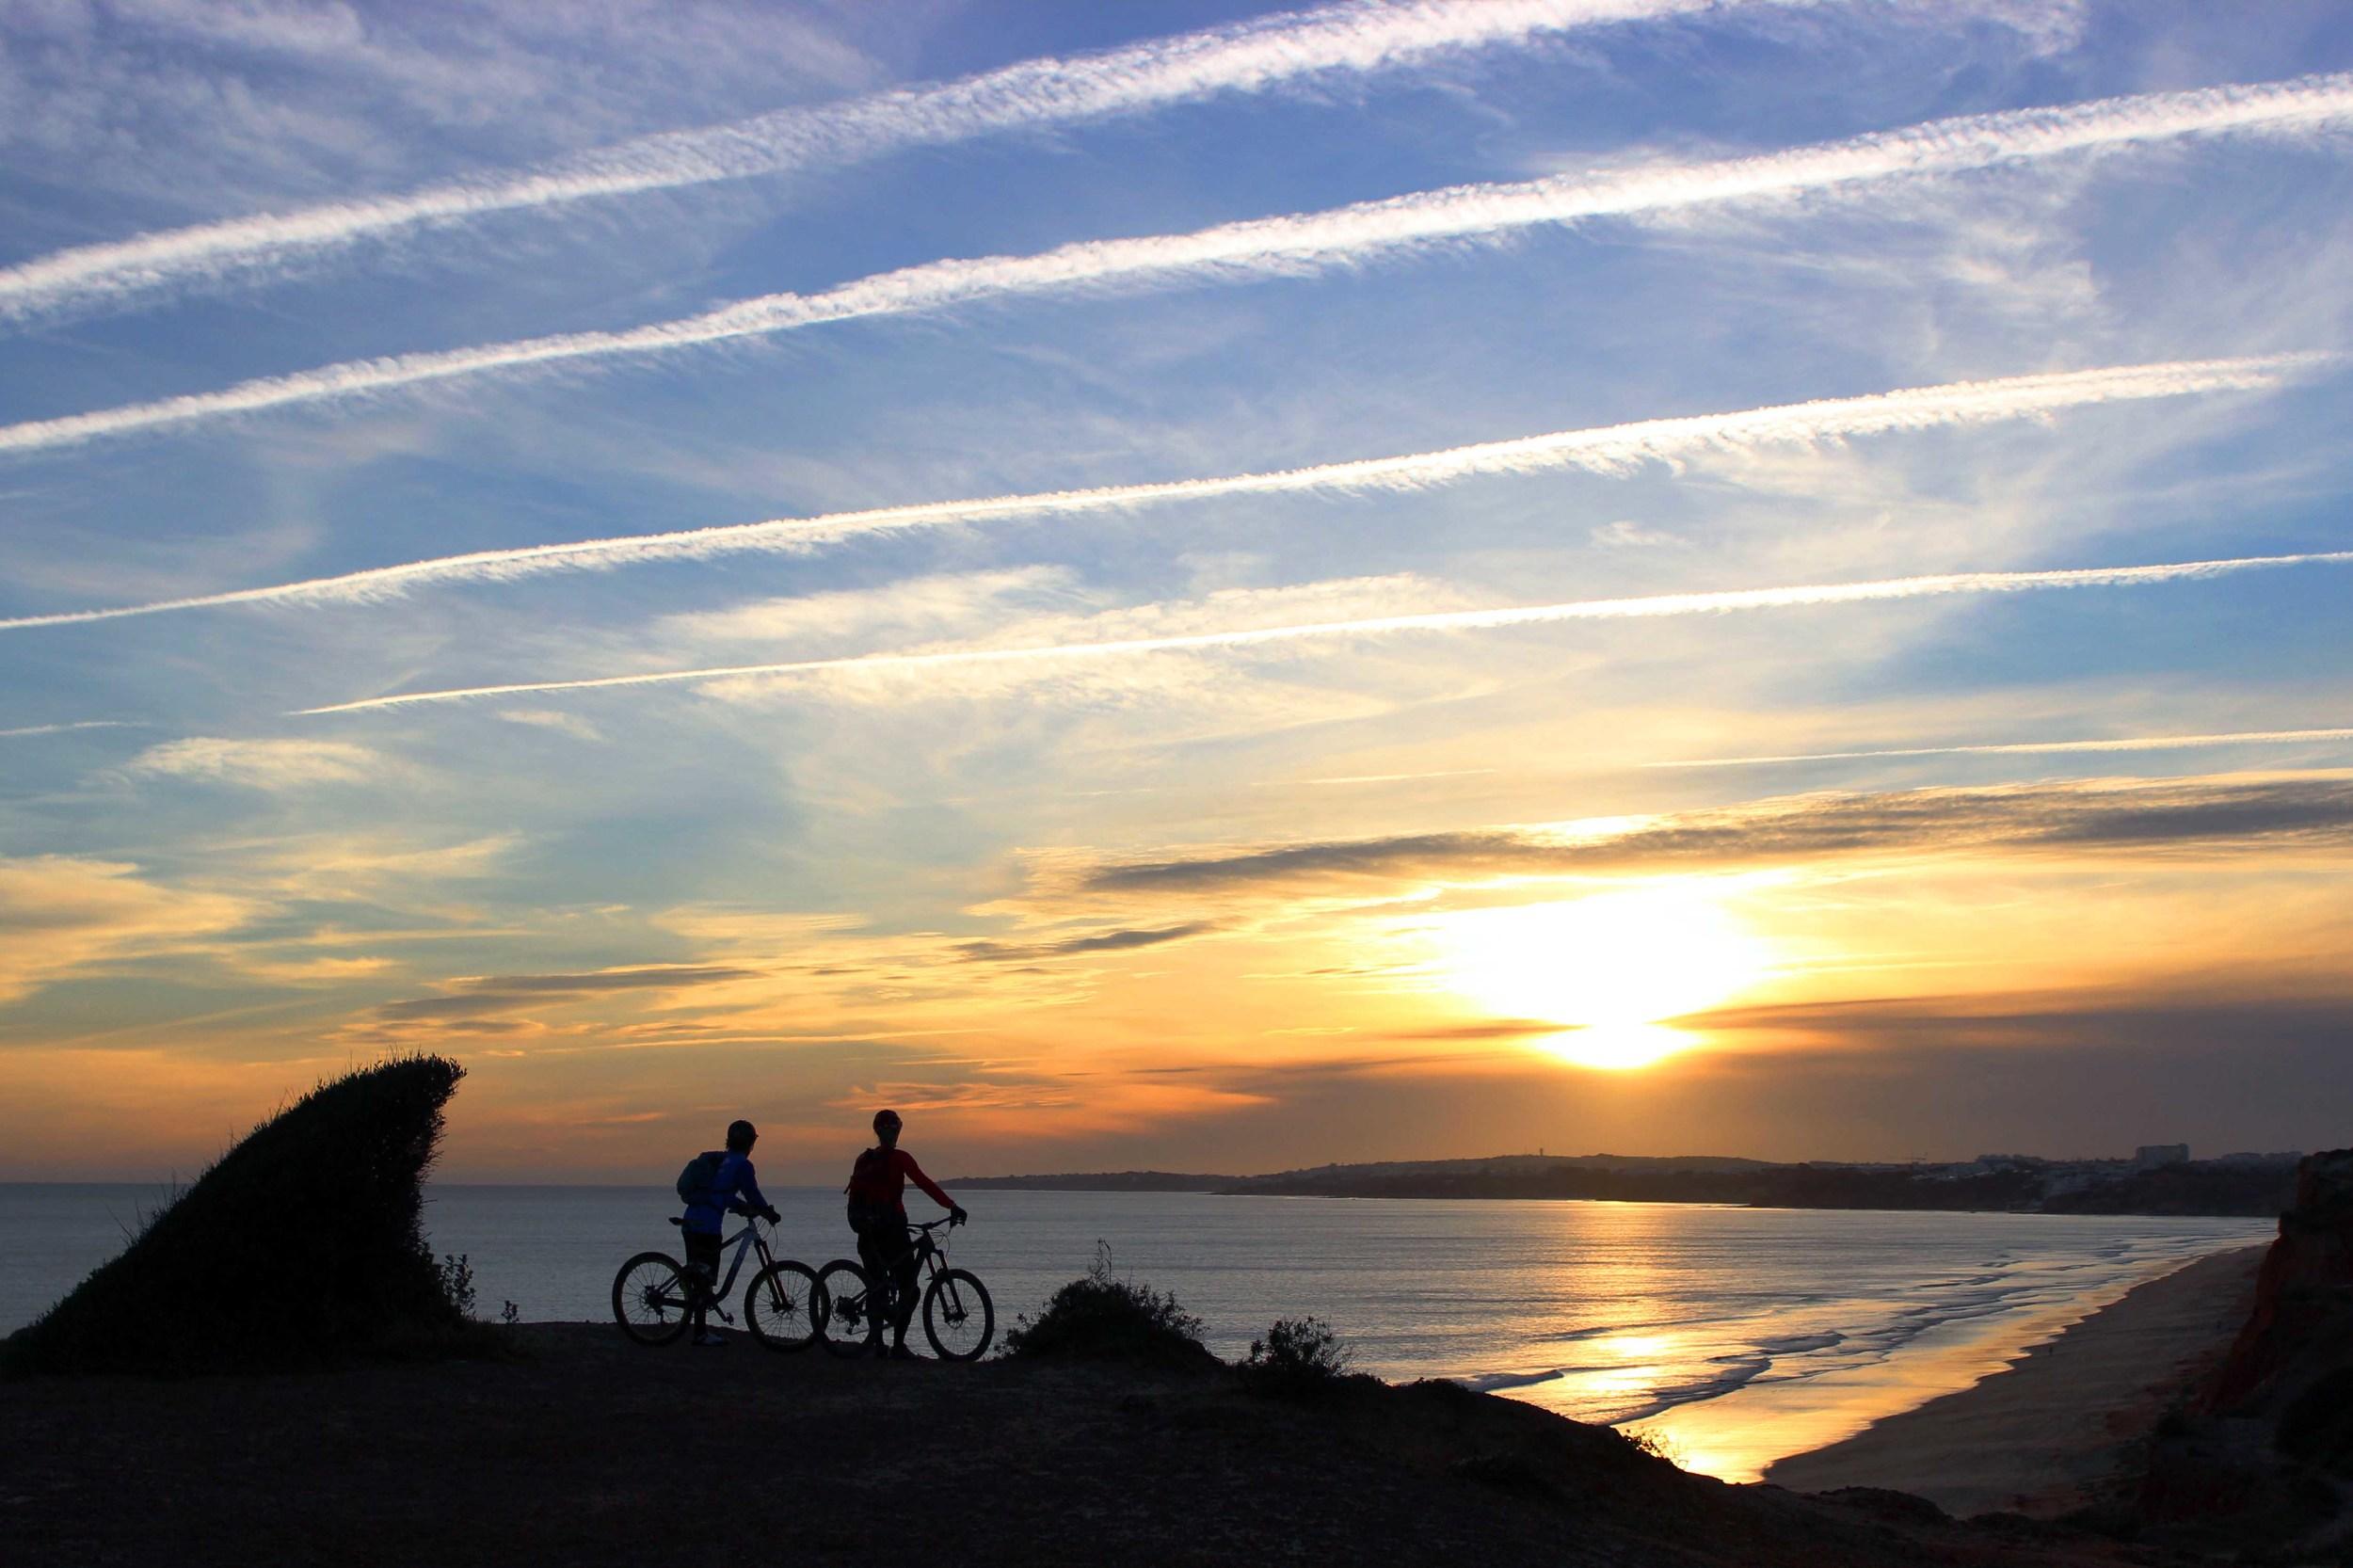 ENG:  Sun, sea and amazing trails. Portugal has much to offer  DE:  Sonne, Meer und feinste Trails: Portugal hat einiges zu bieten